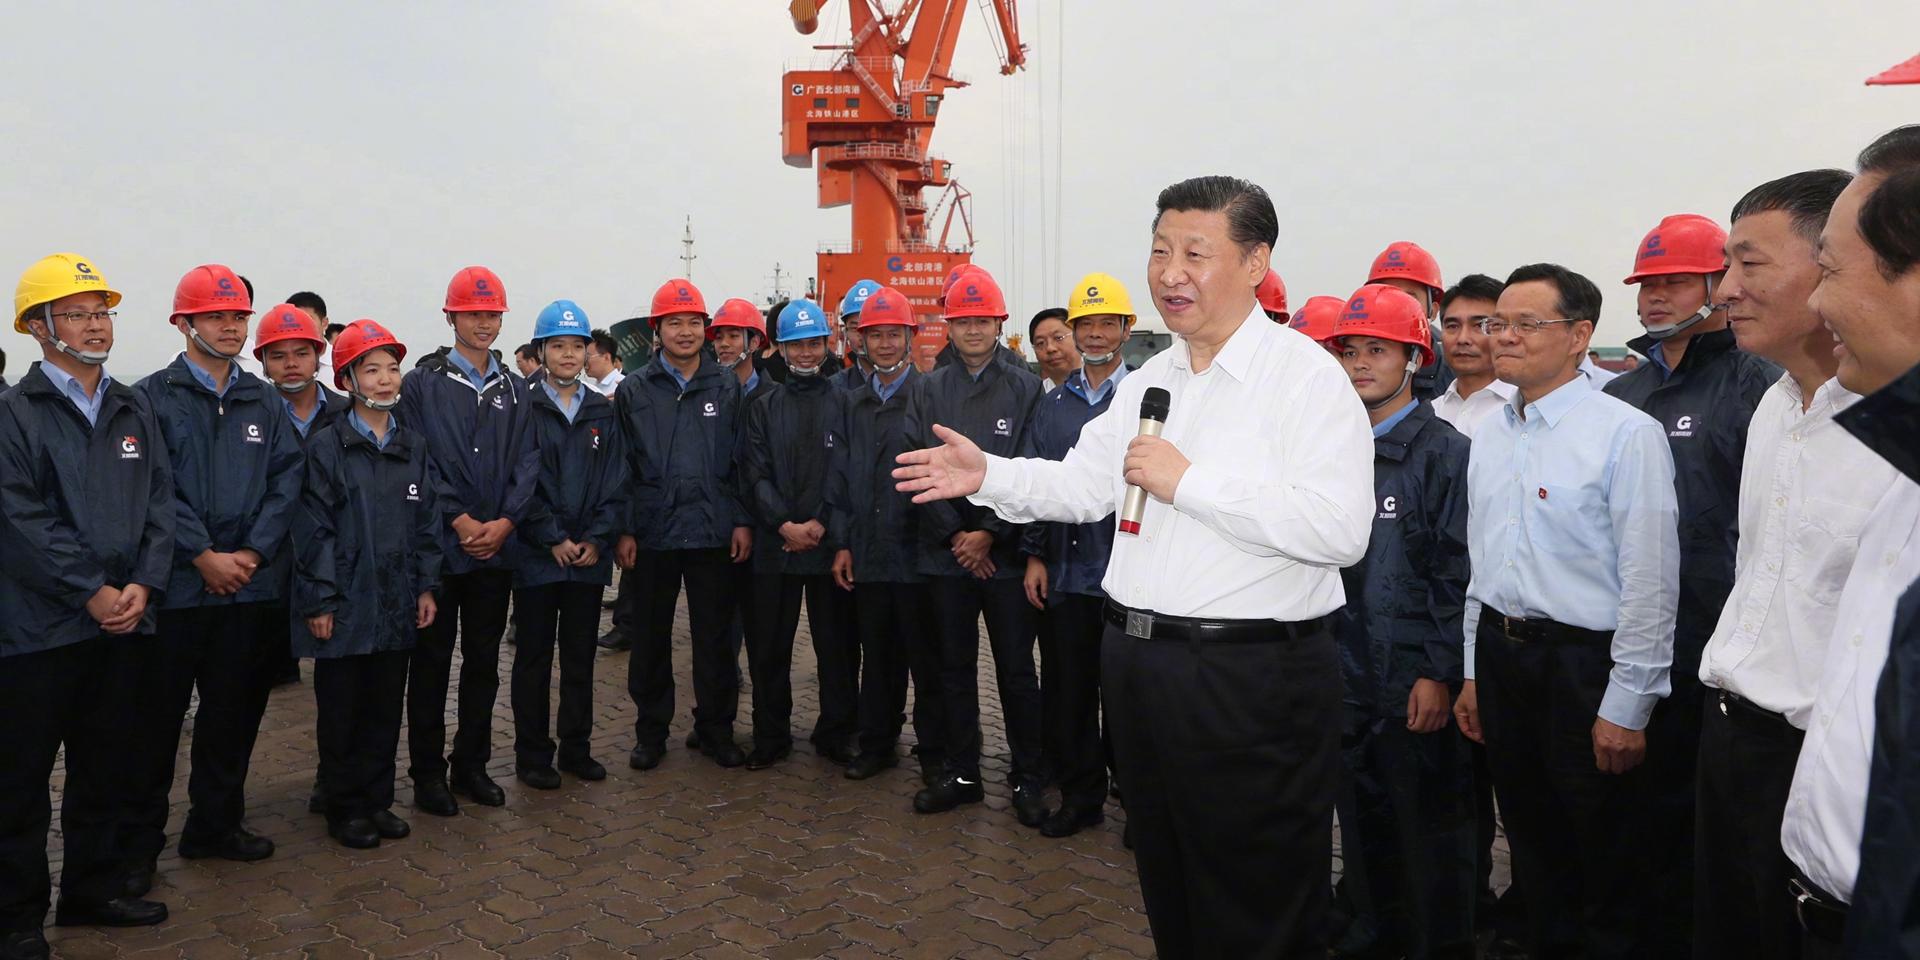 我們常説要想富先修路,在沿海地區要想富也要先建港。